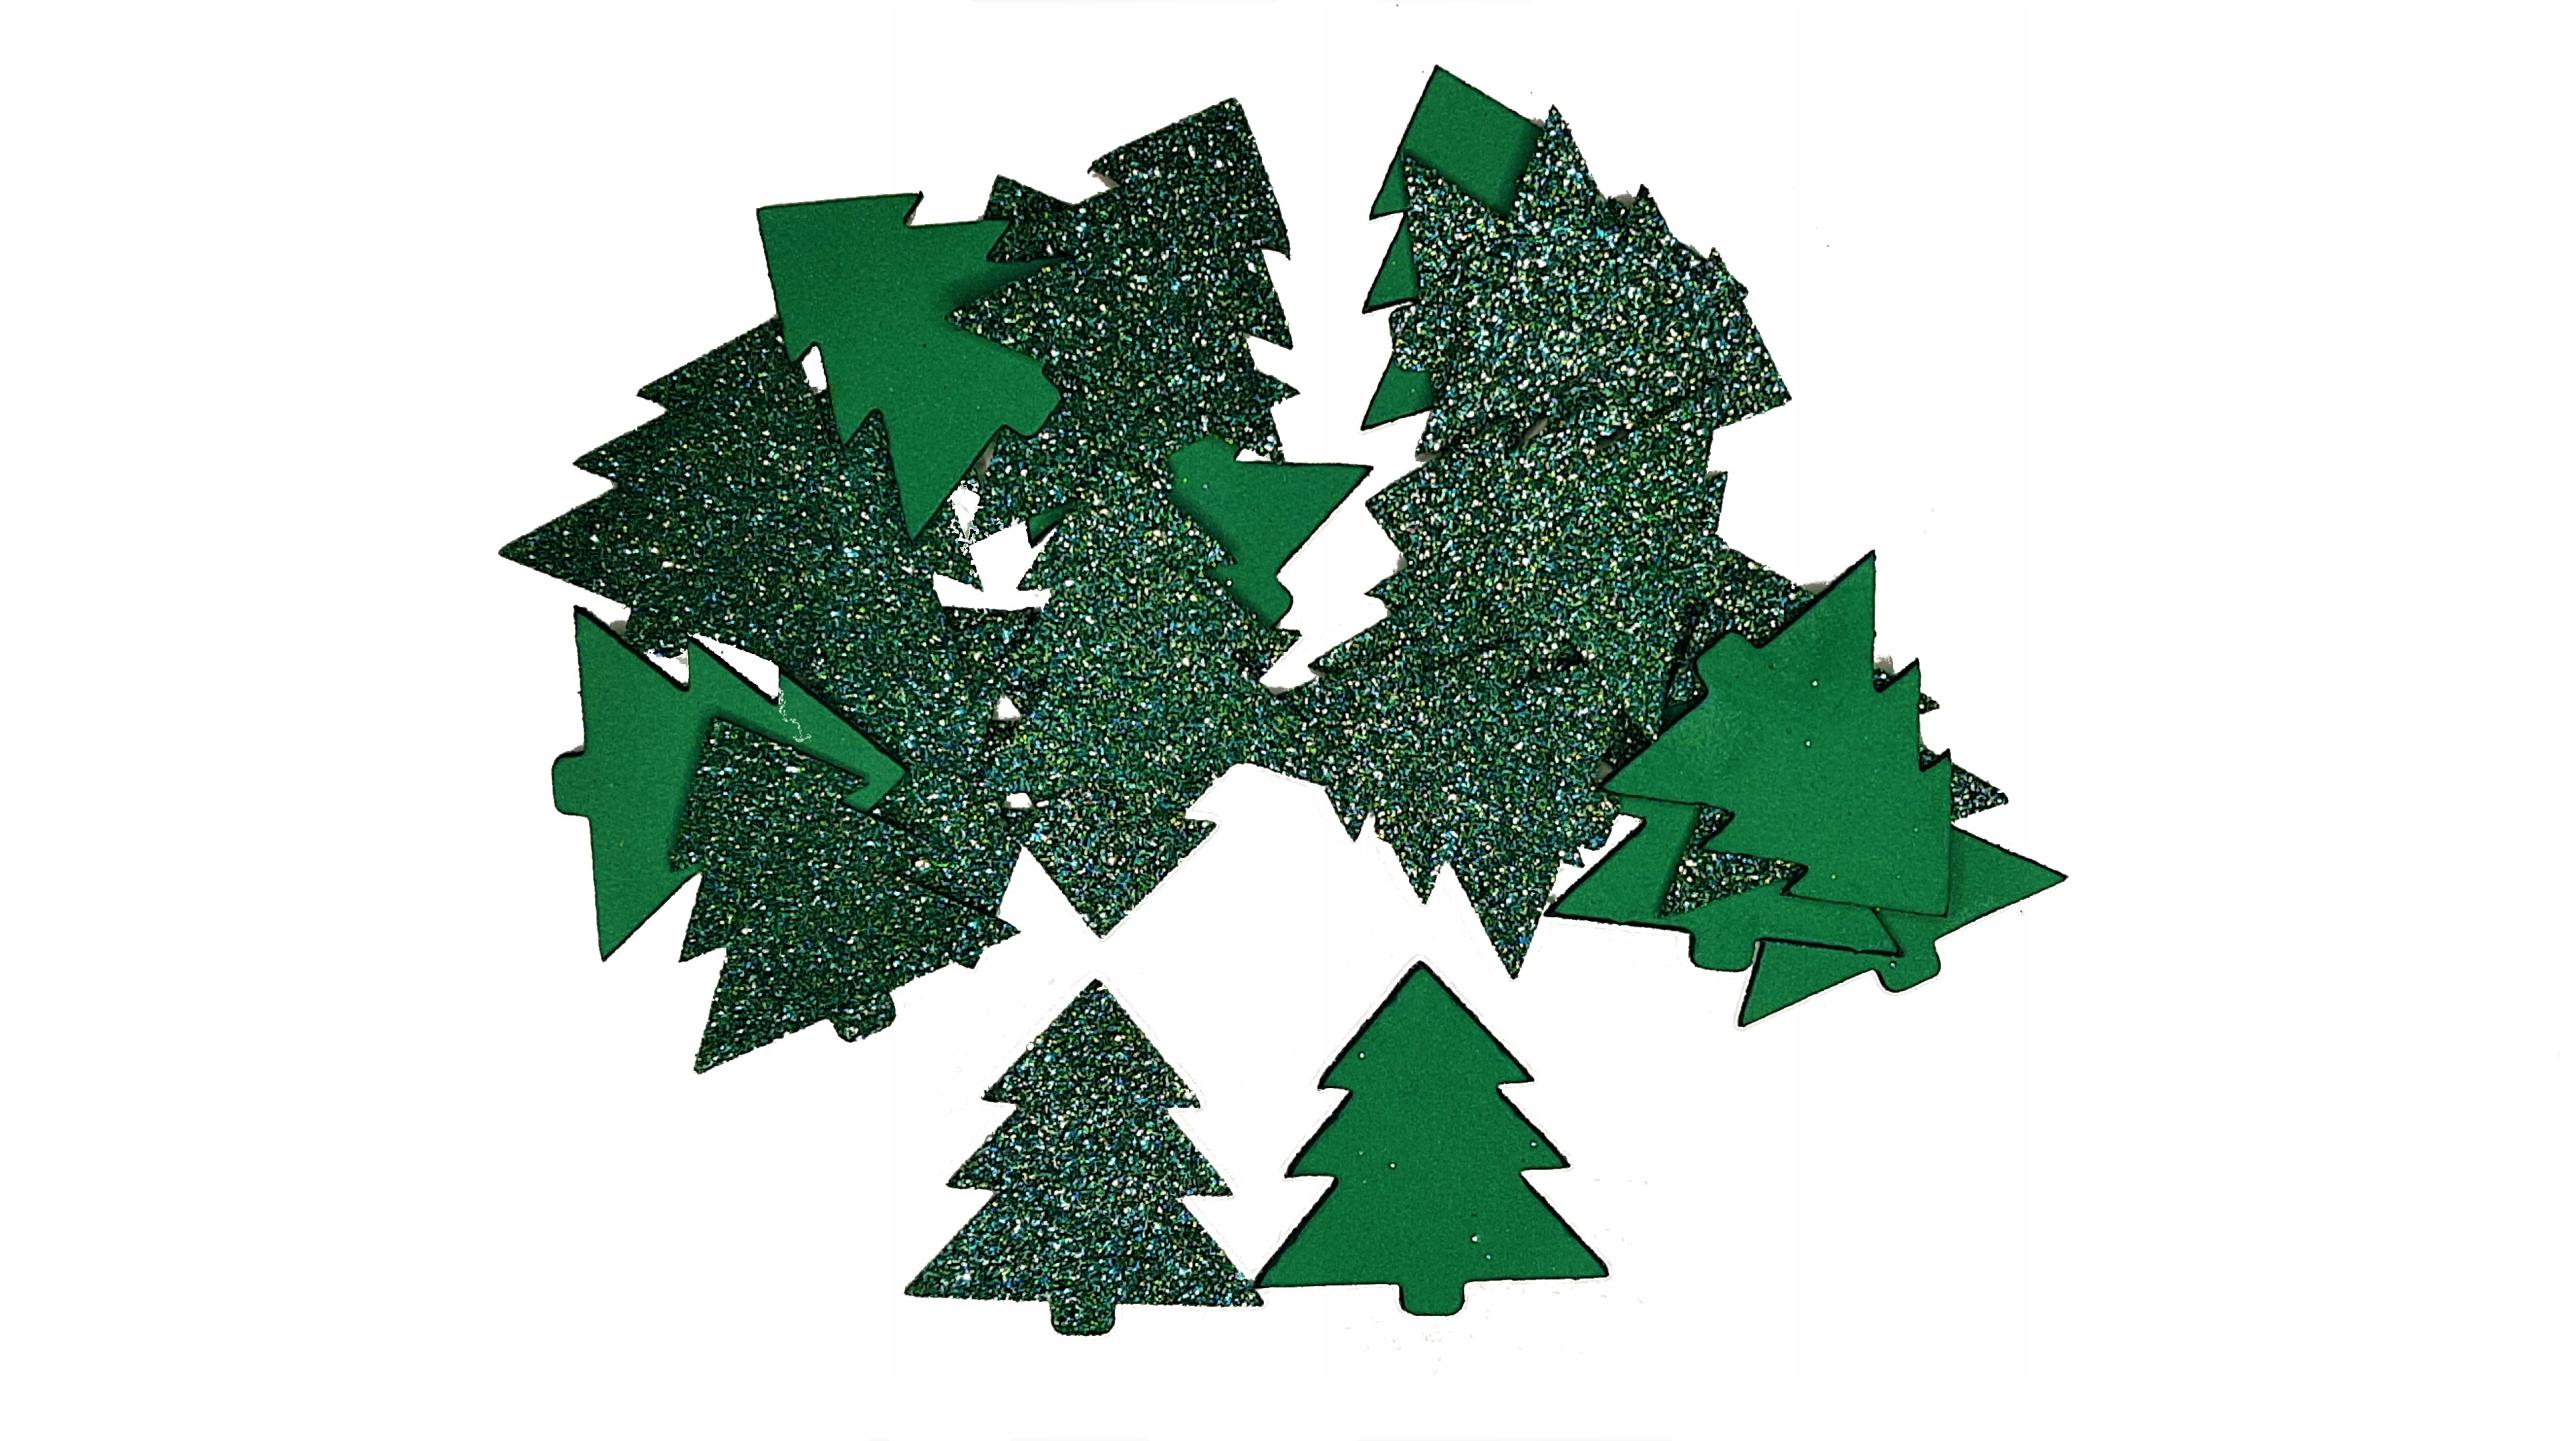 Орнамент из блестящей пены, зеленые елки, 20 шт.